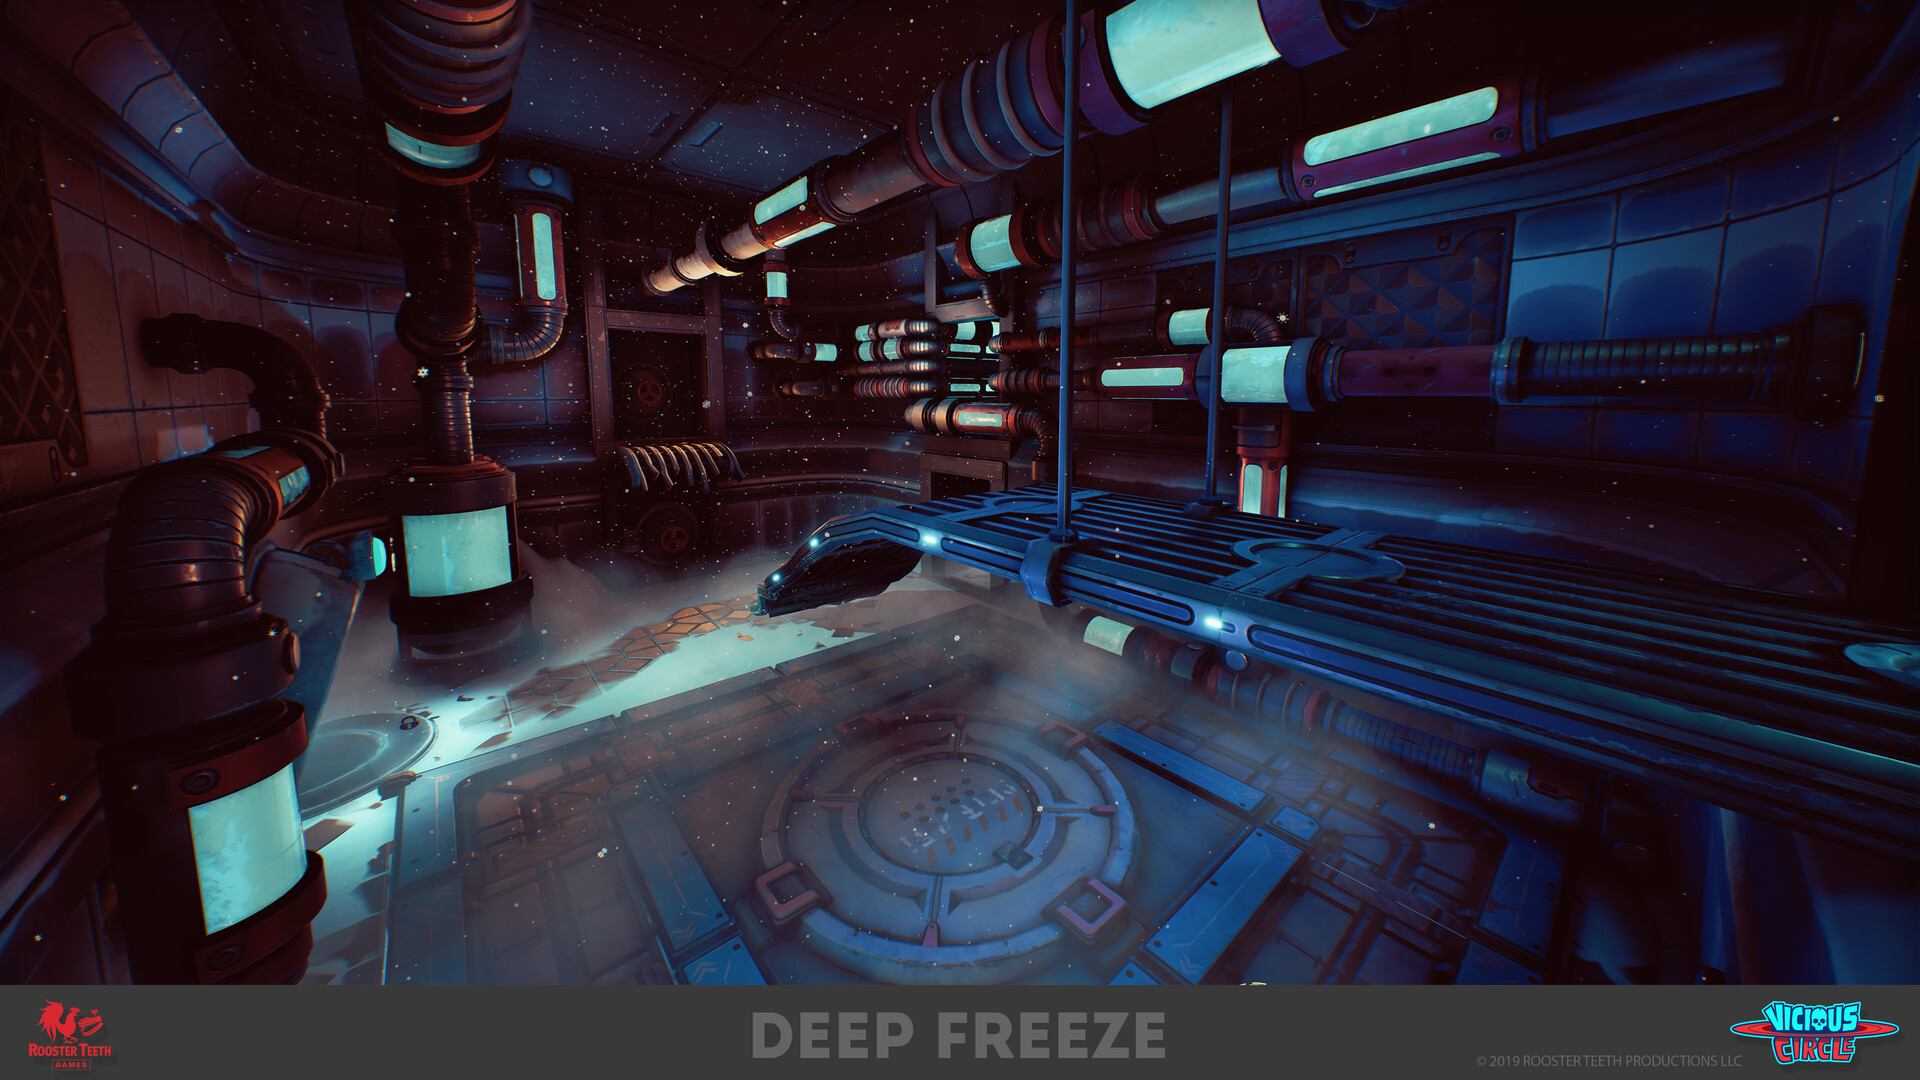 Markel milanes deep freeze renders 06